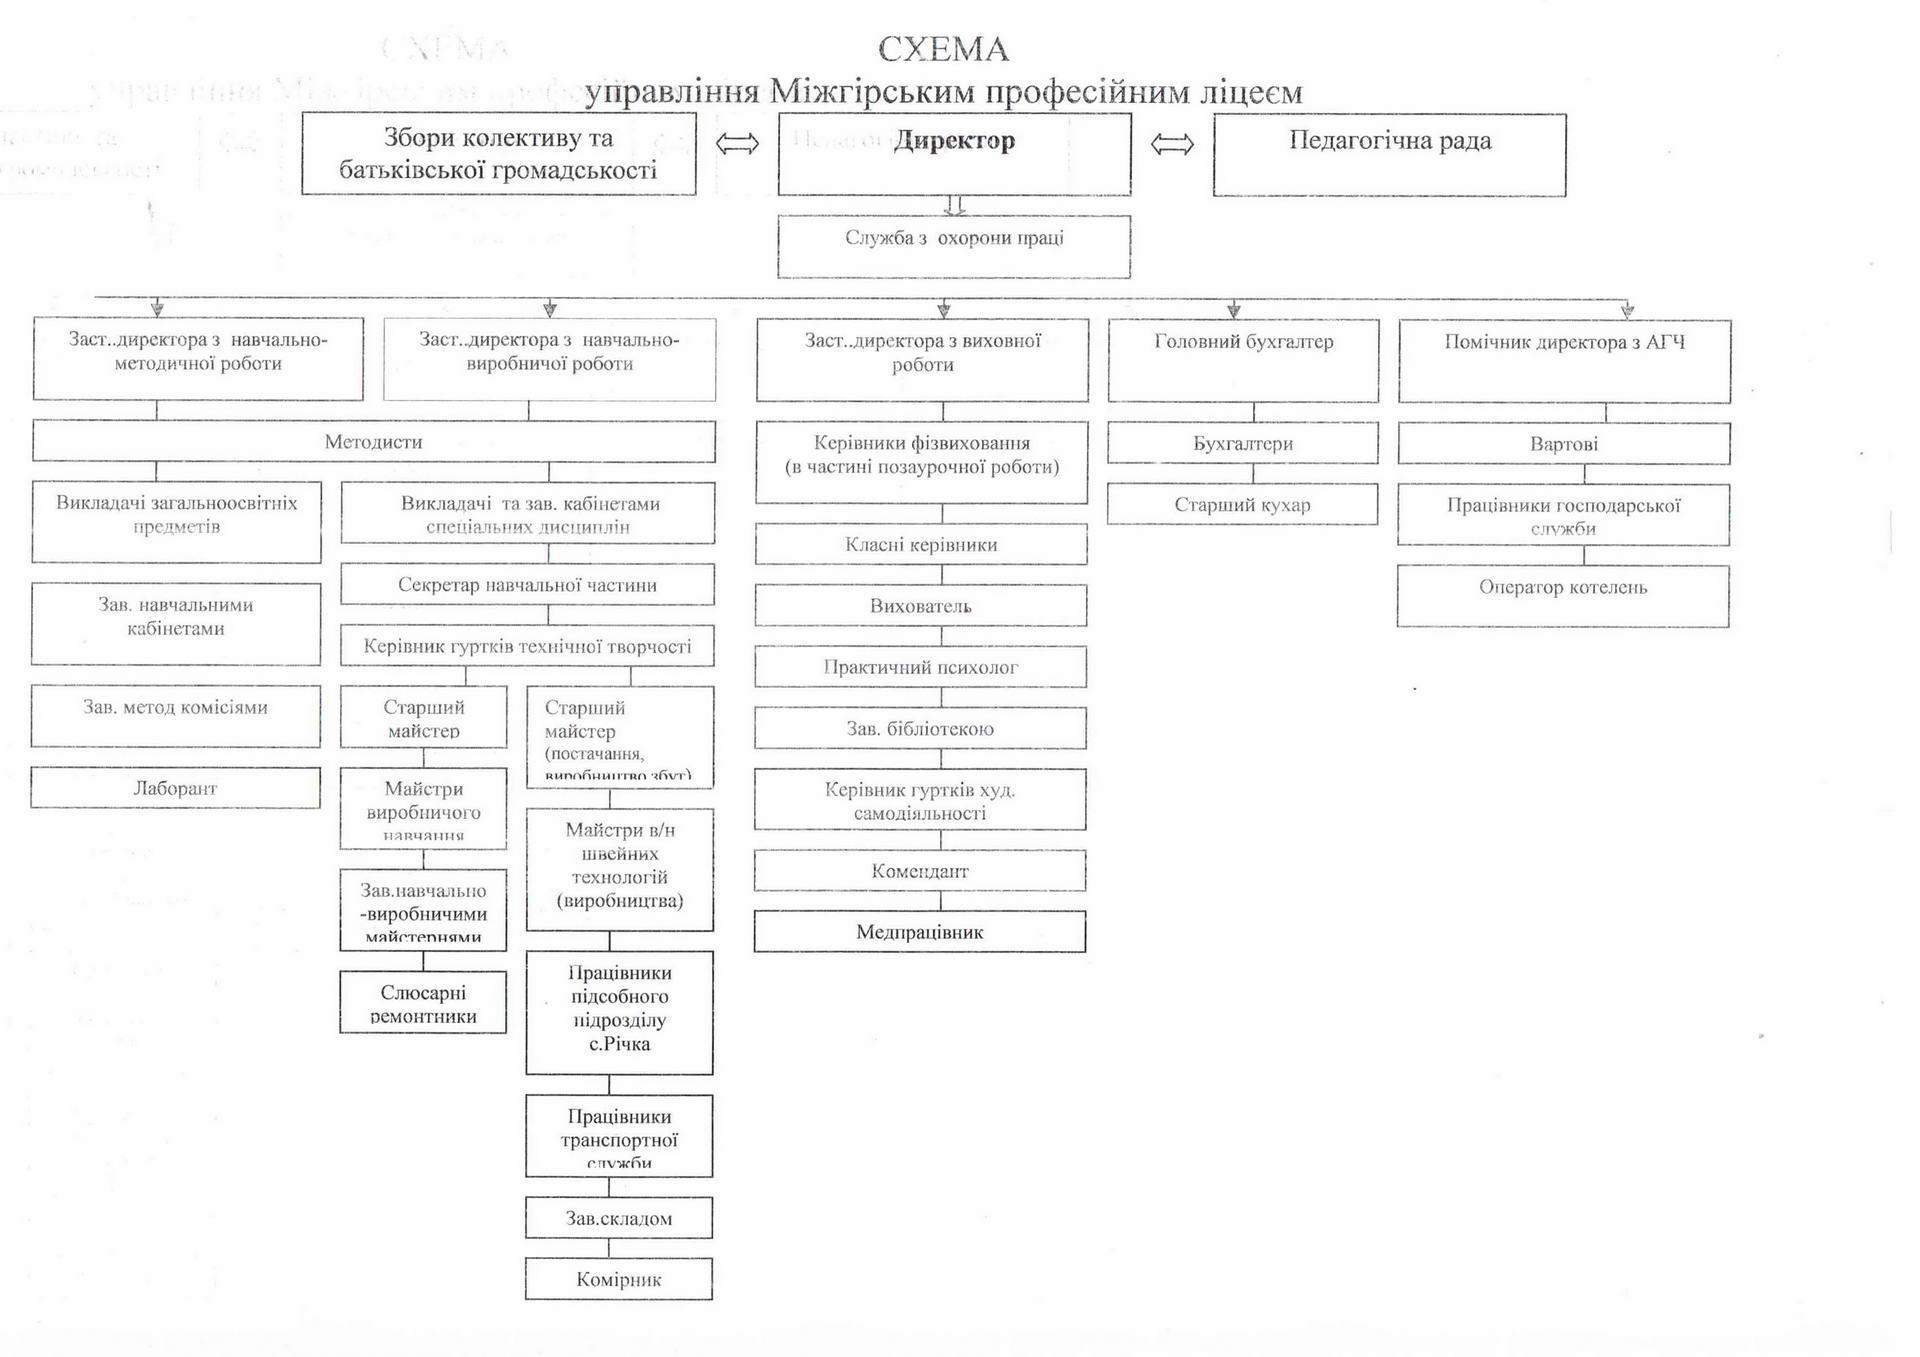 Схема управління Міжгірським ліцеєм